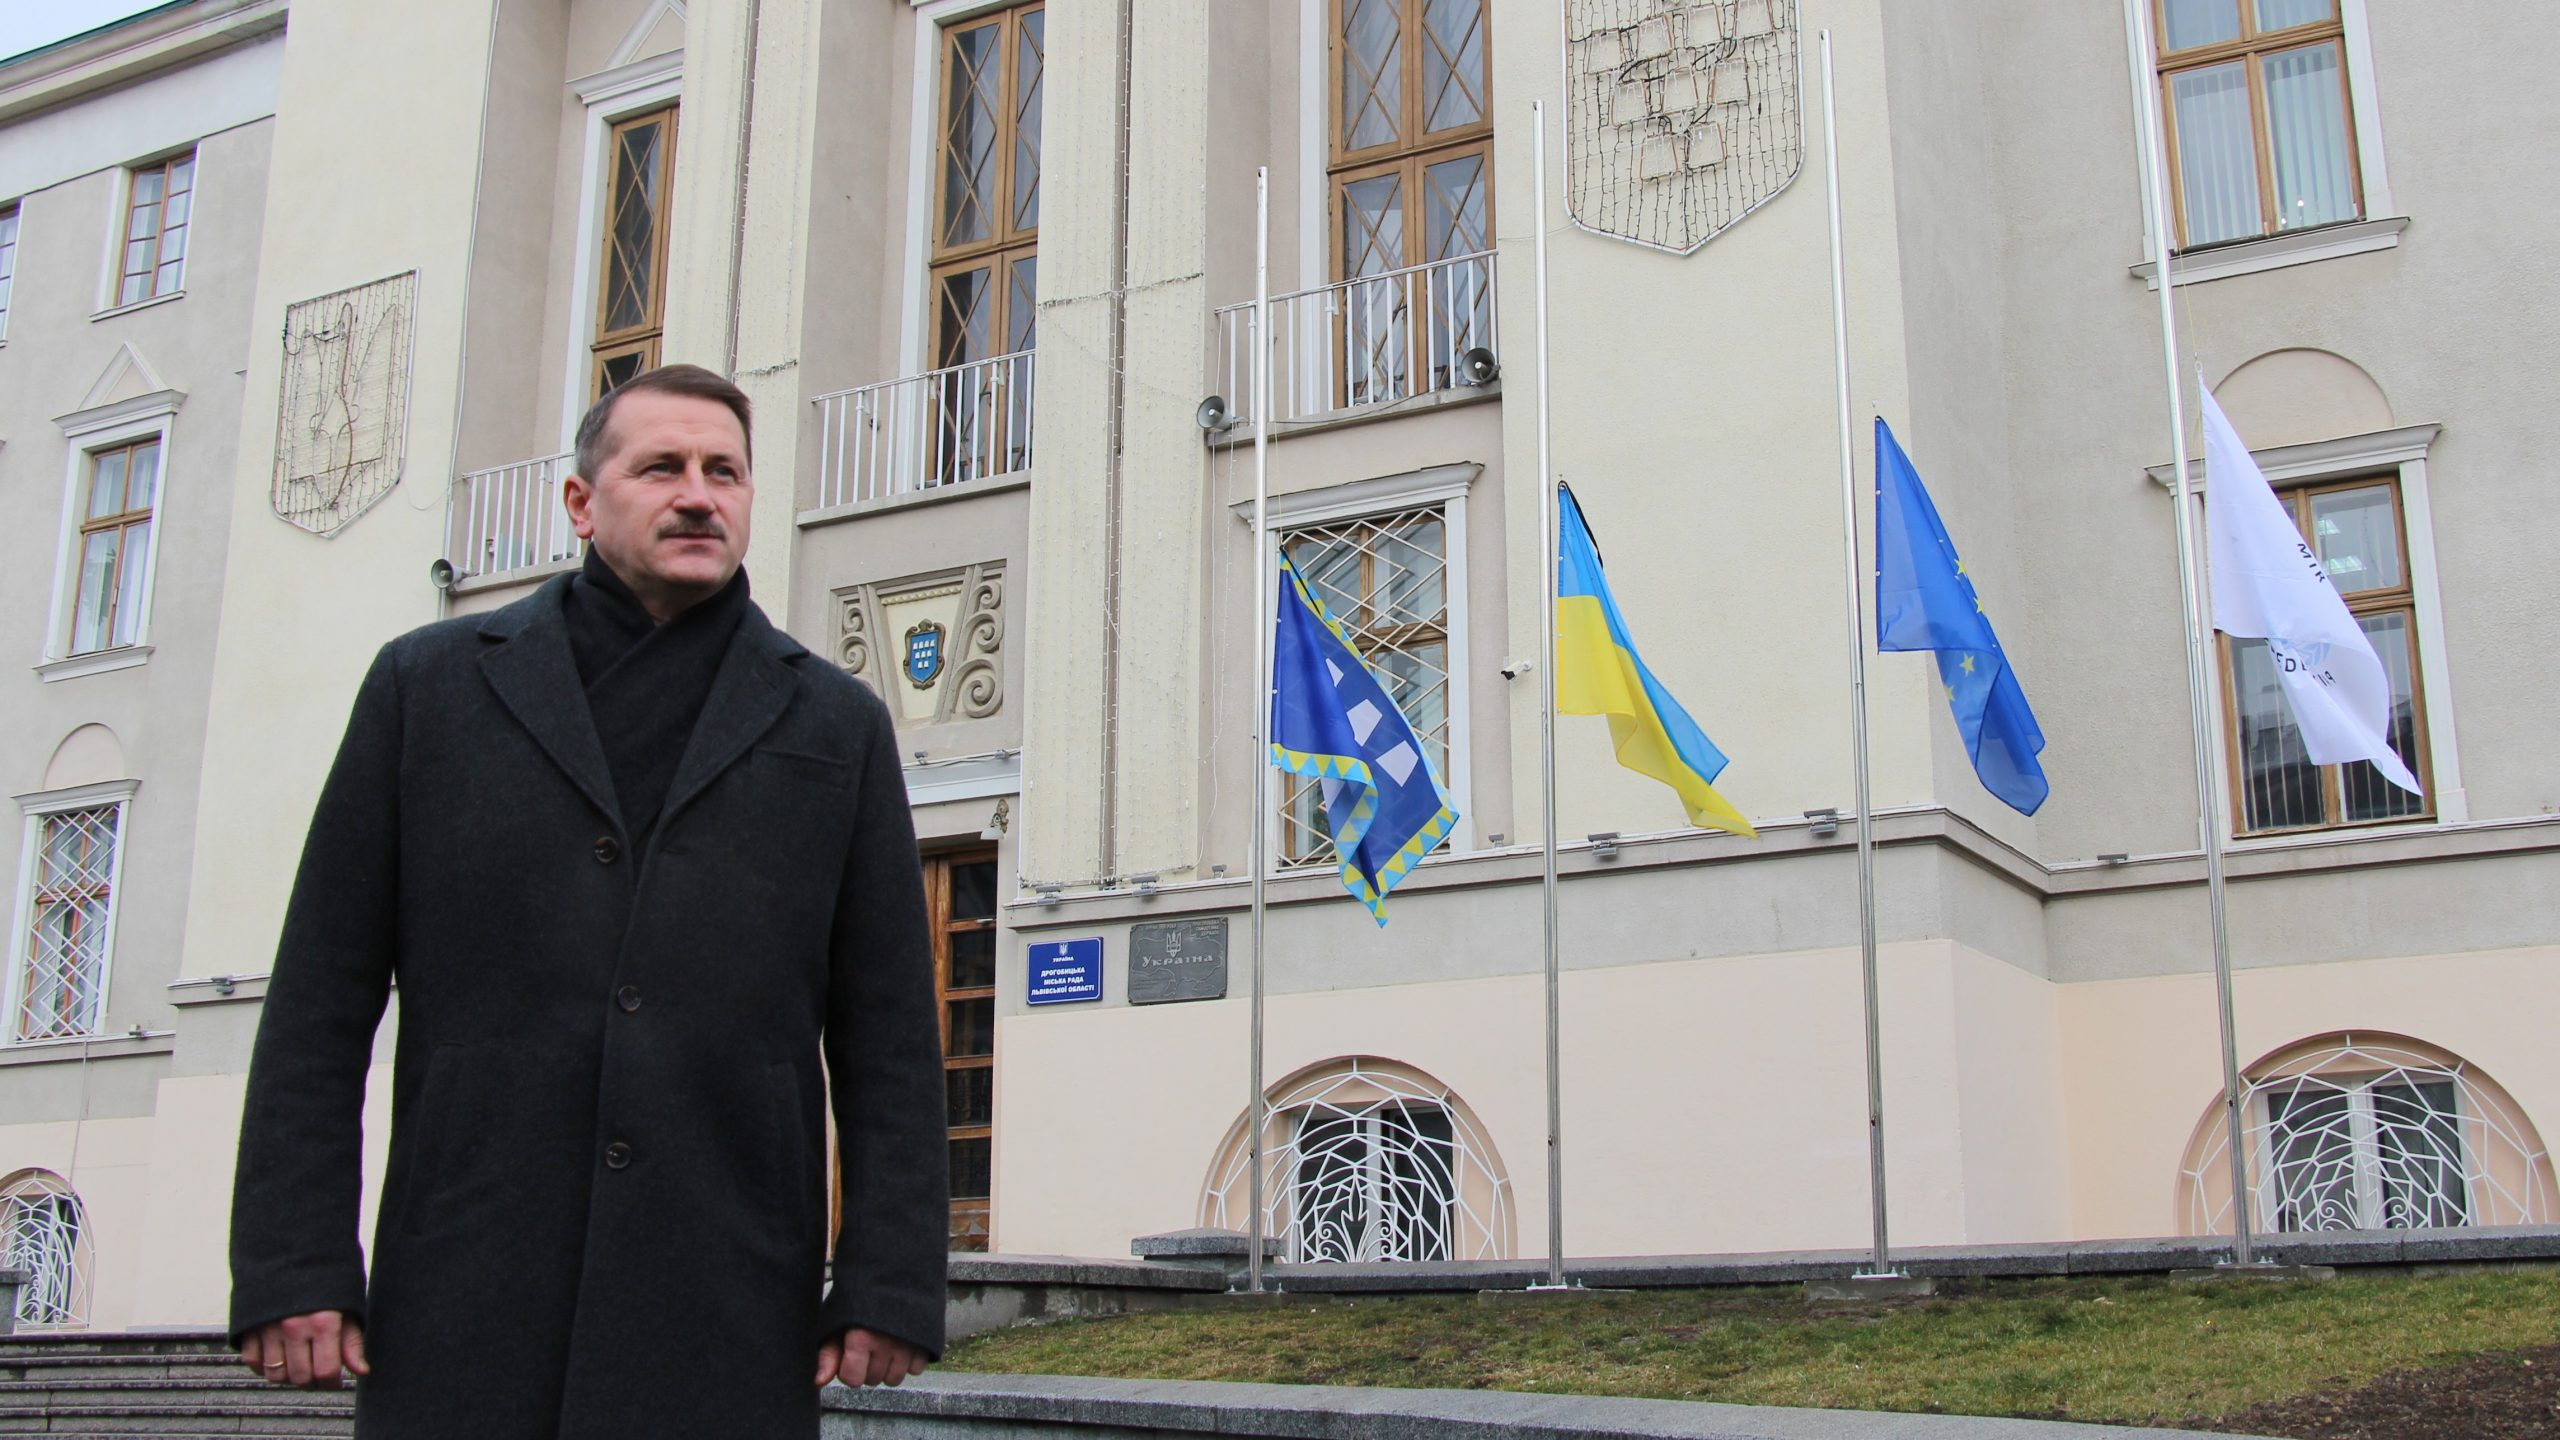 Тарас Кучма: Ми не дамо і не маємо морального права забути подвиг Героїв Небесної Сотні